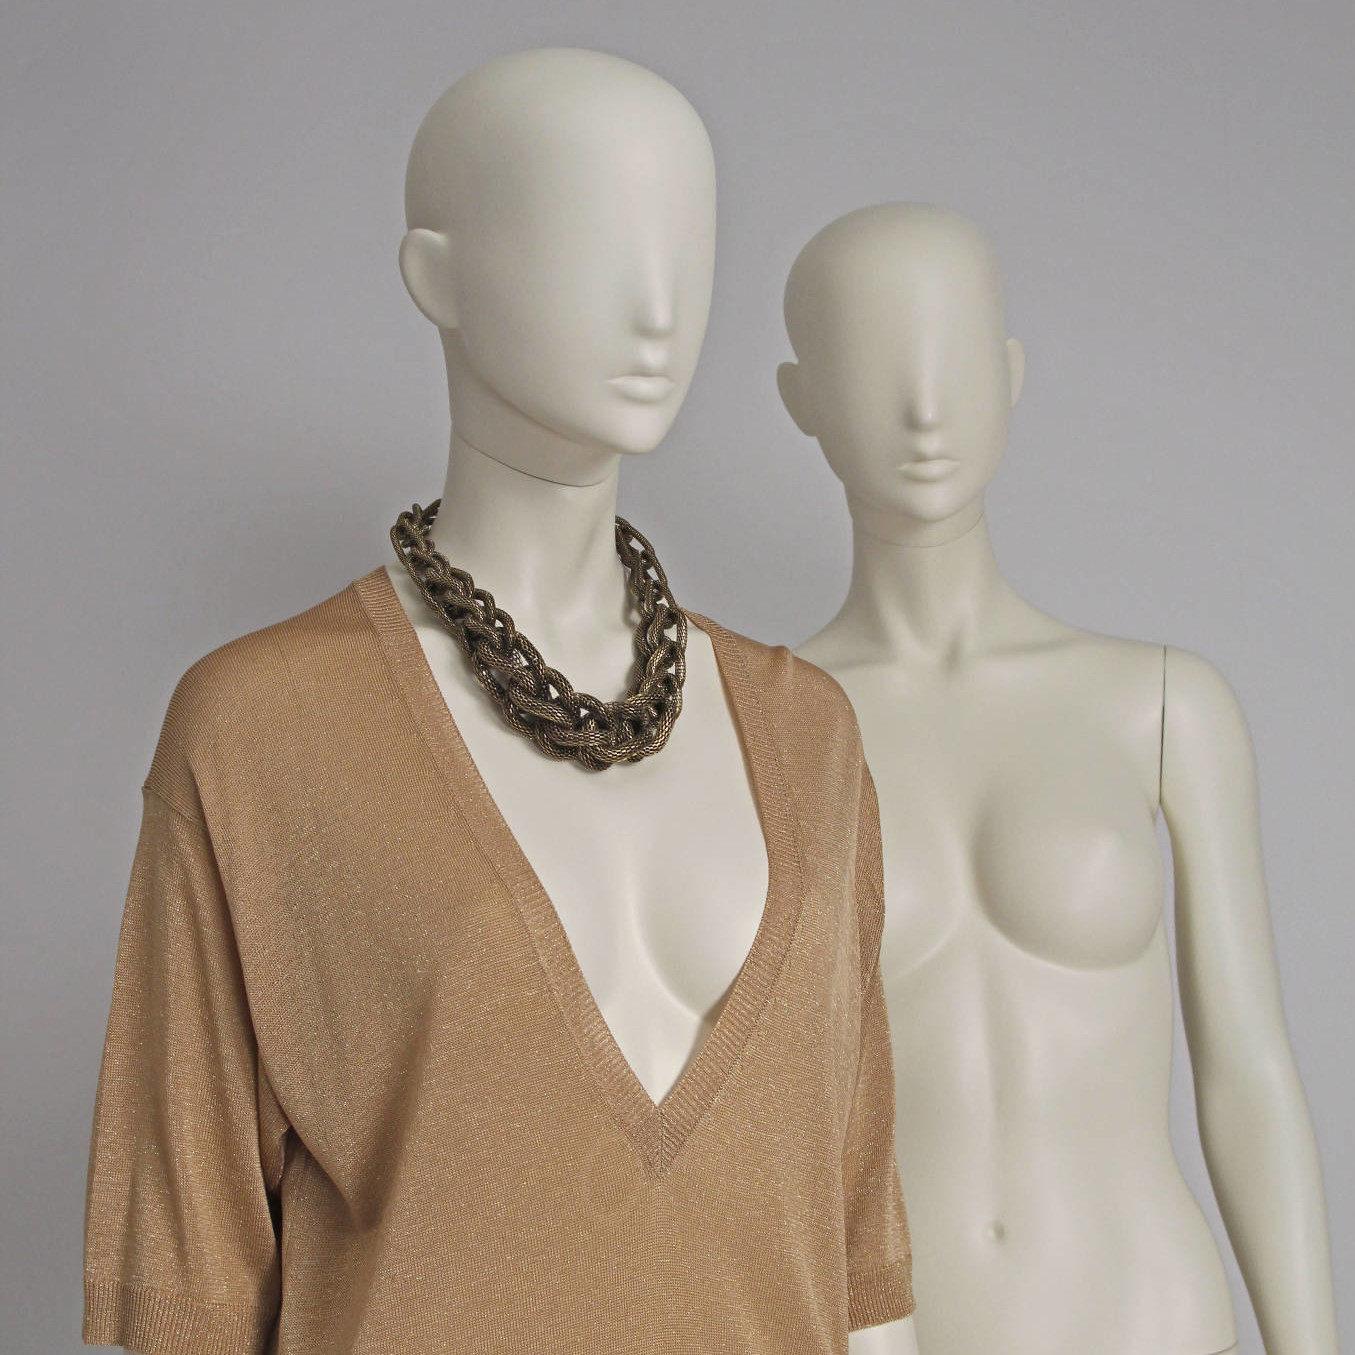 kvalitets mannequiner til modebutikken, messestand og andre udstillinger